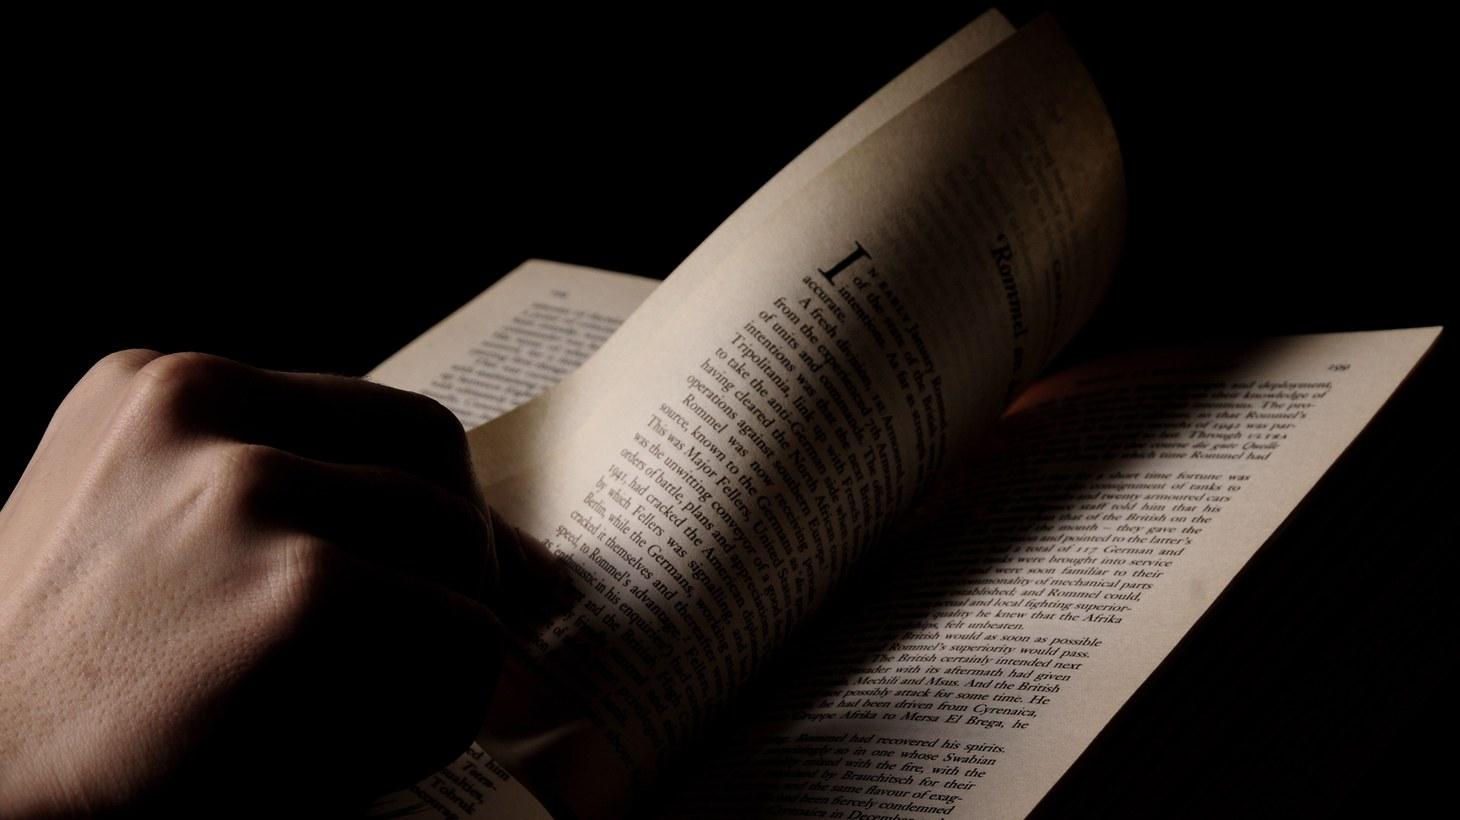 Flipping through a book.